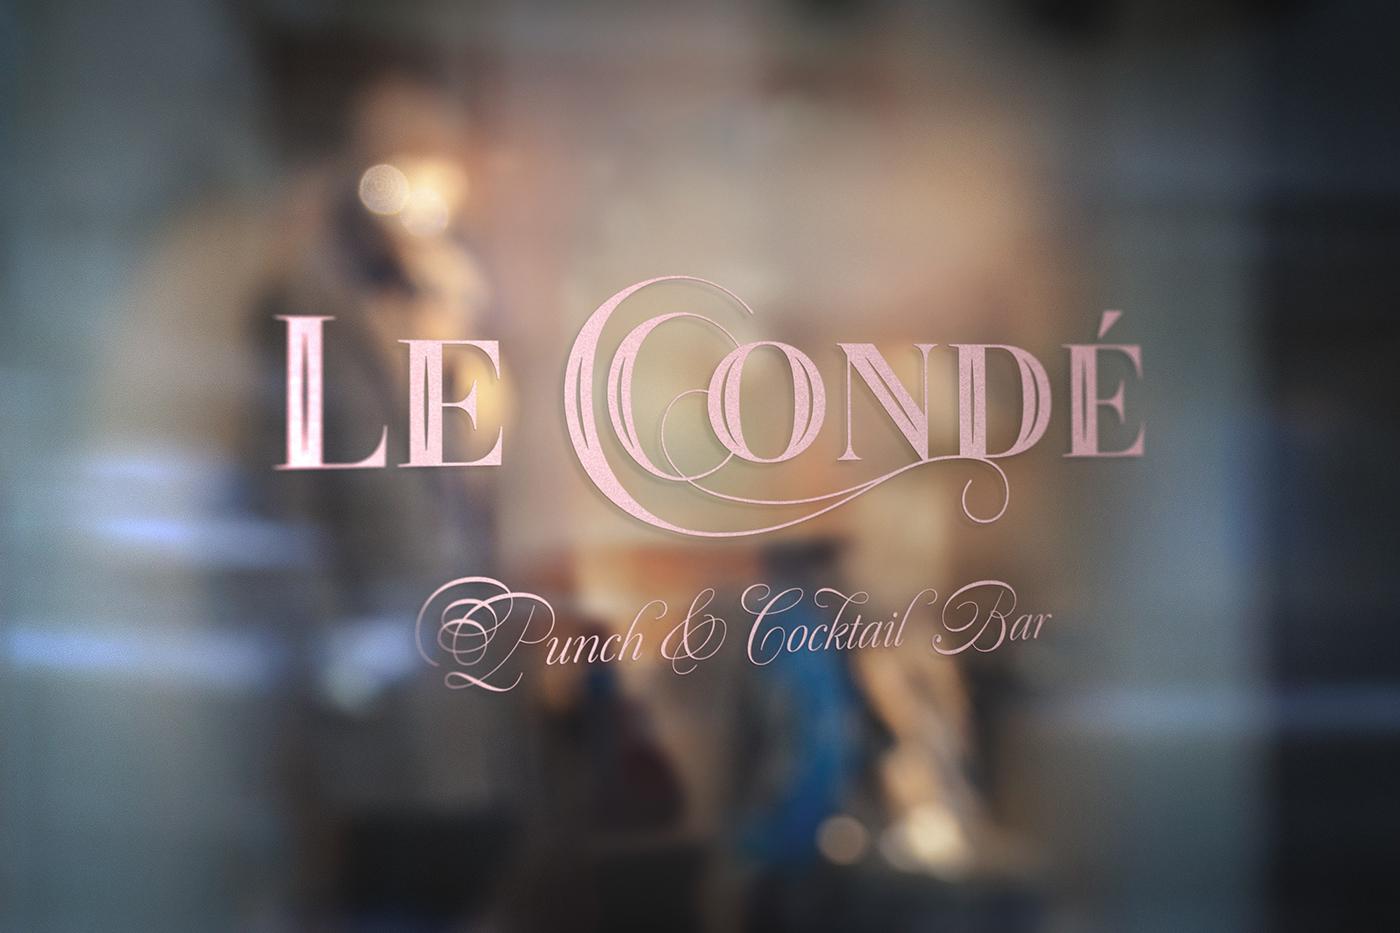 Le Conde identity